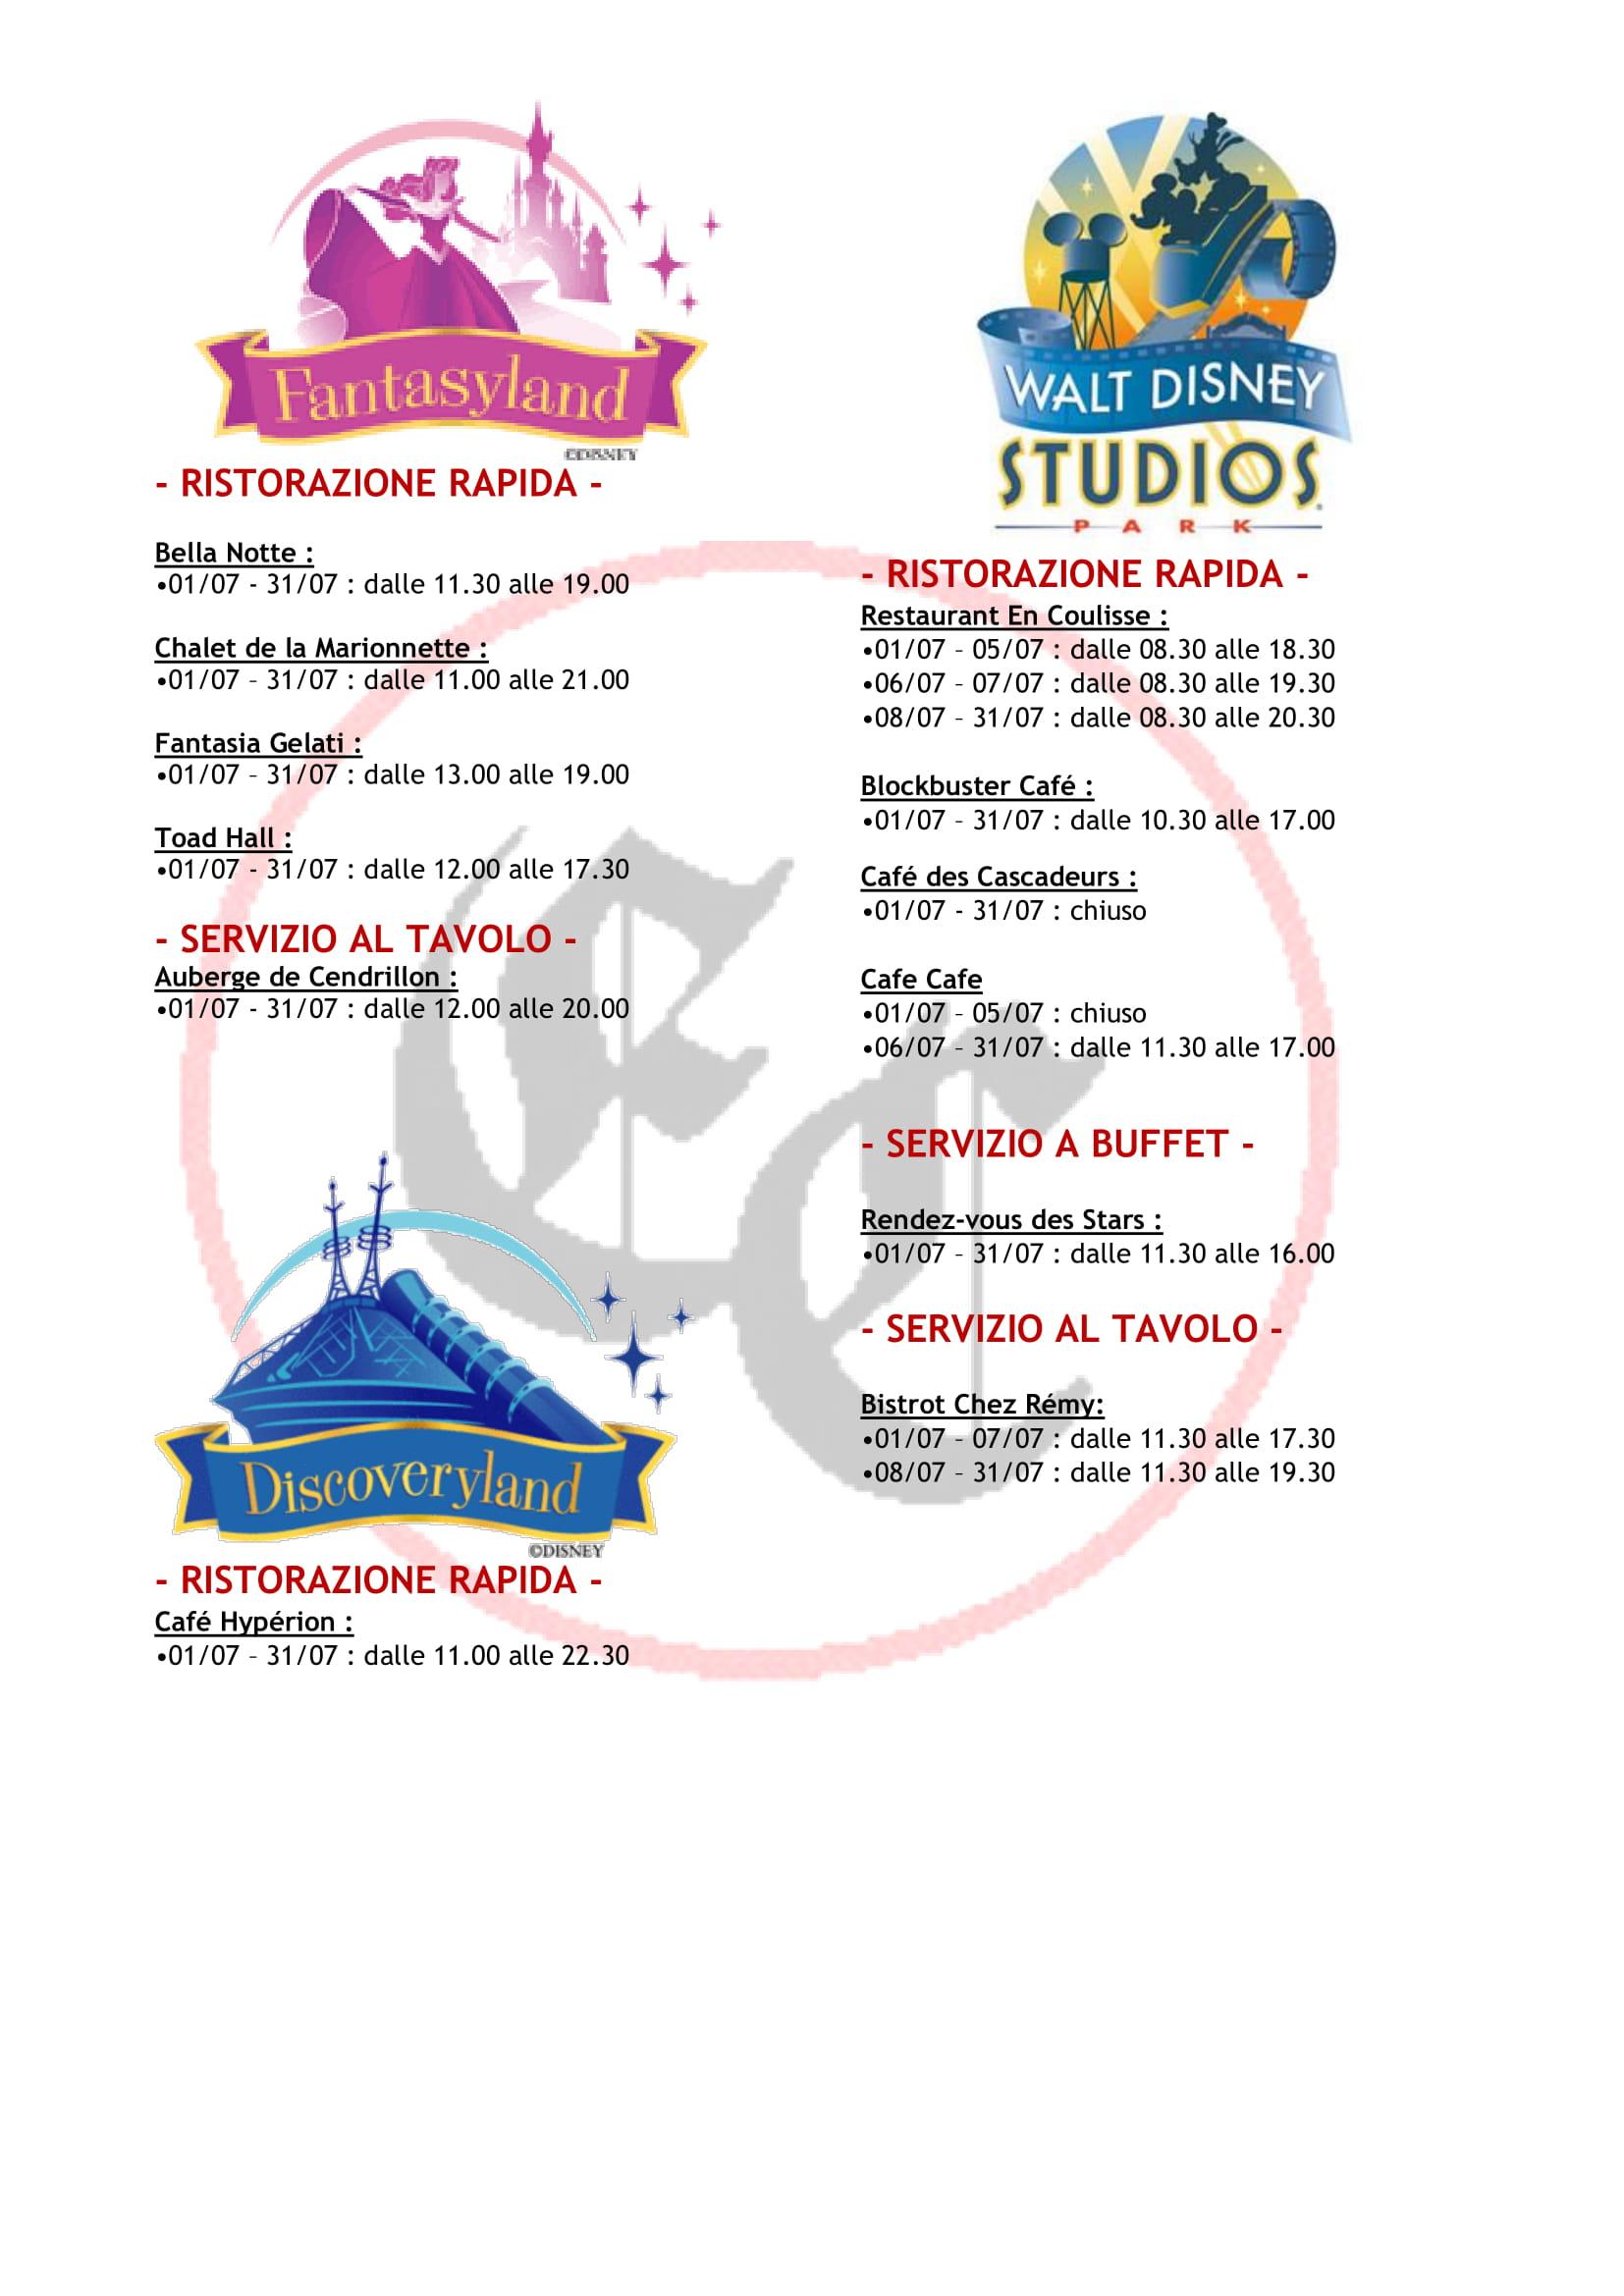 Orario di apertura ristoranti dei 2 parchi - Pagina 3 2019-020